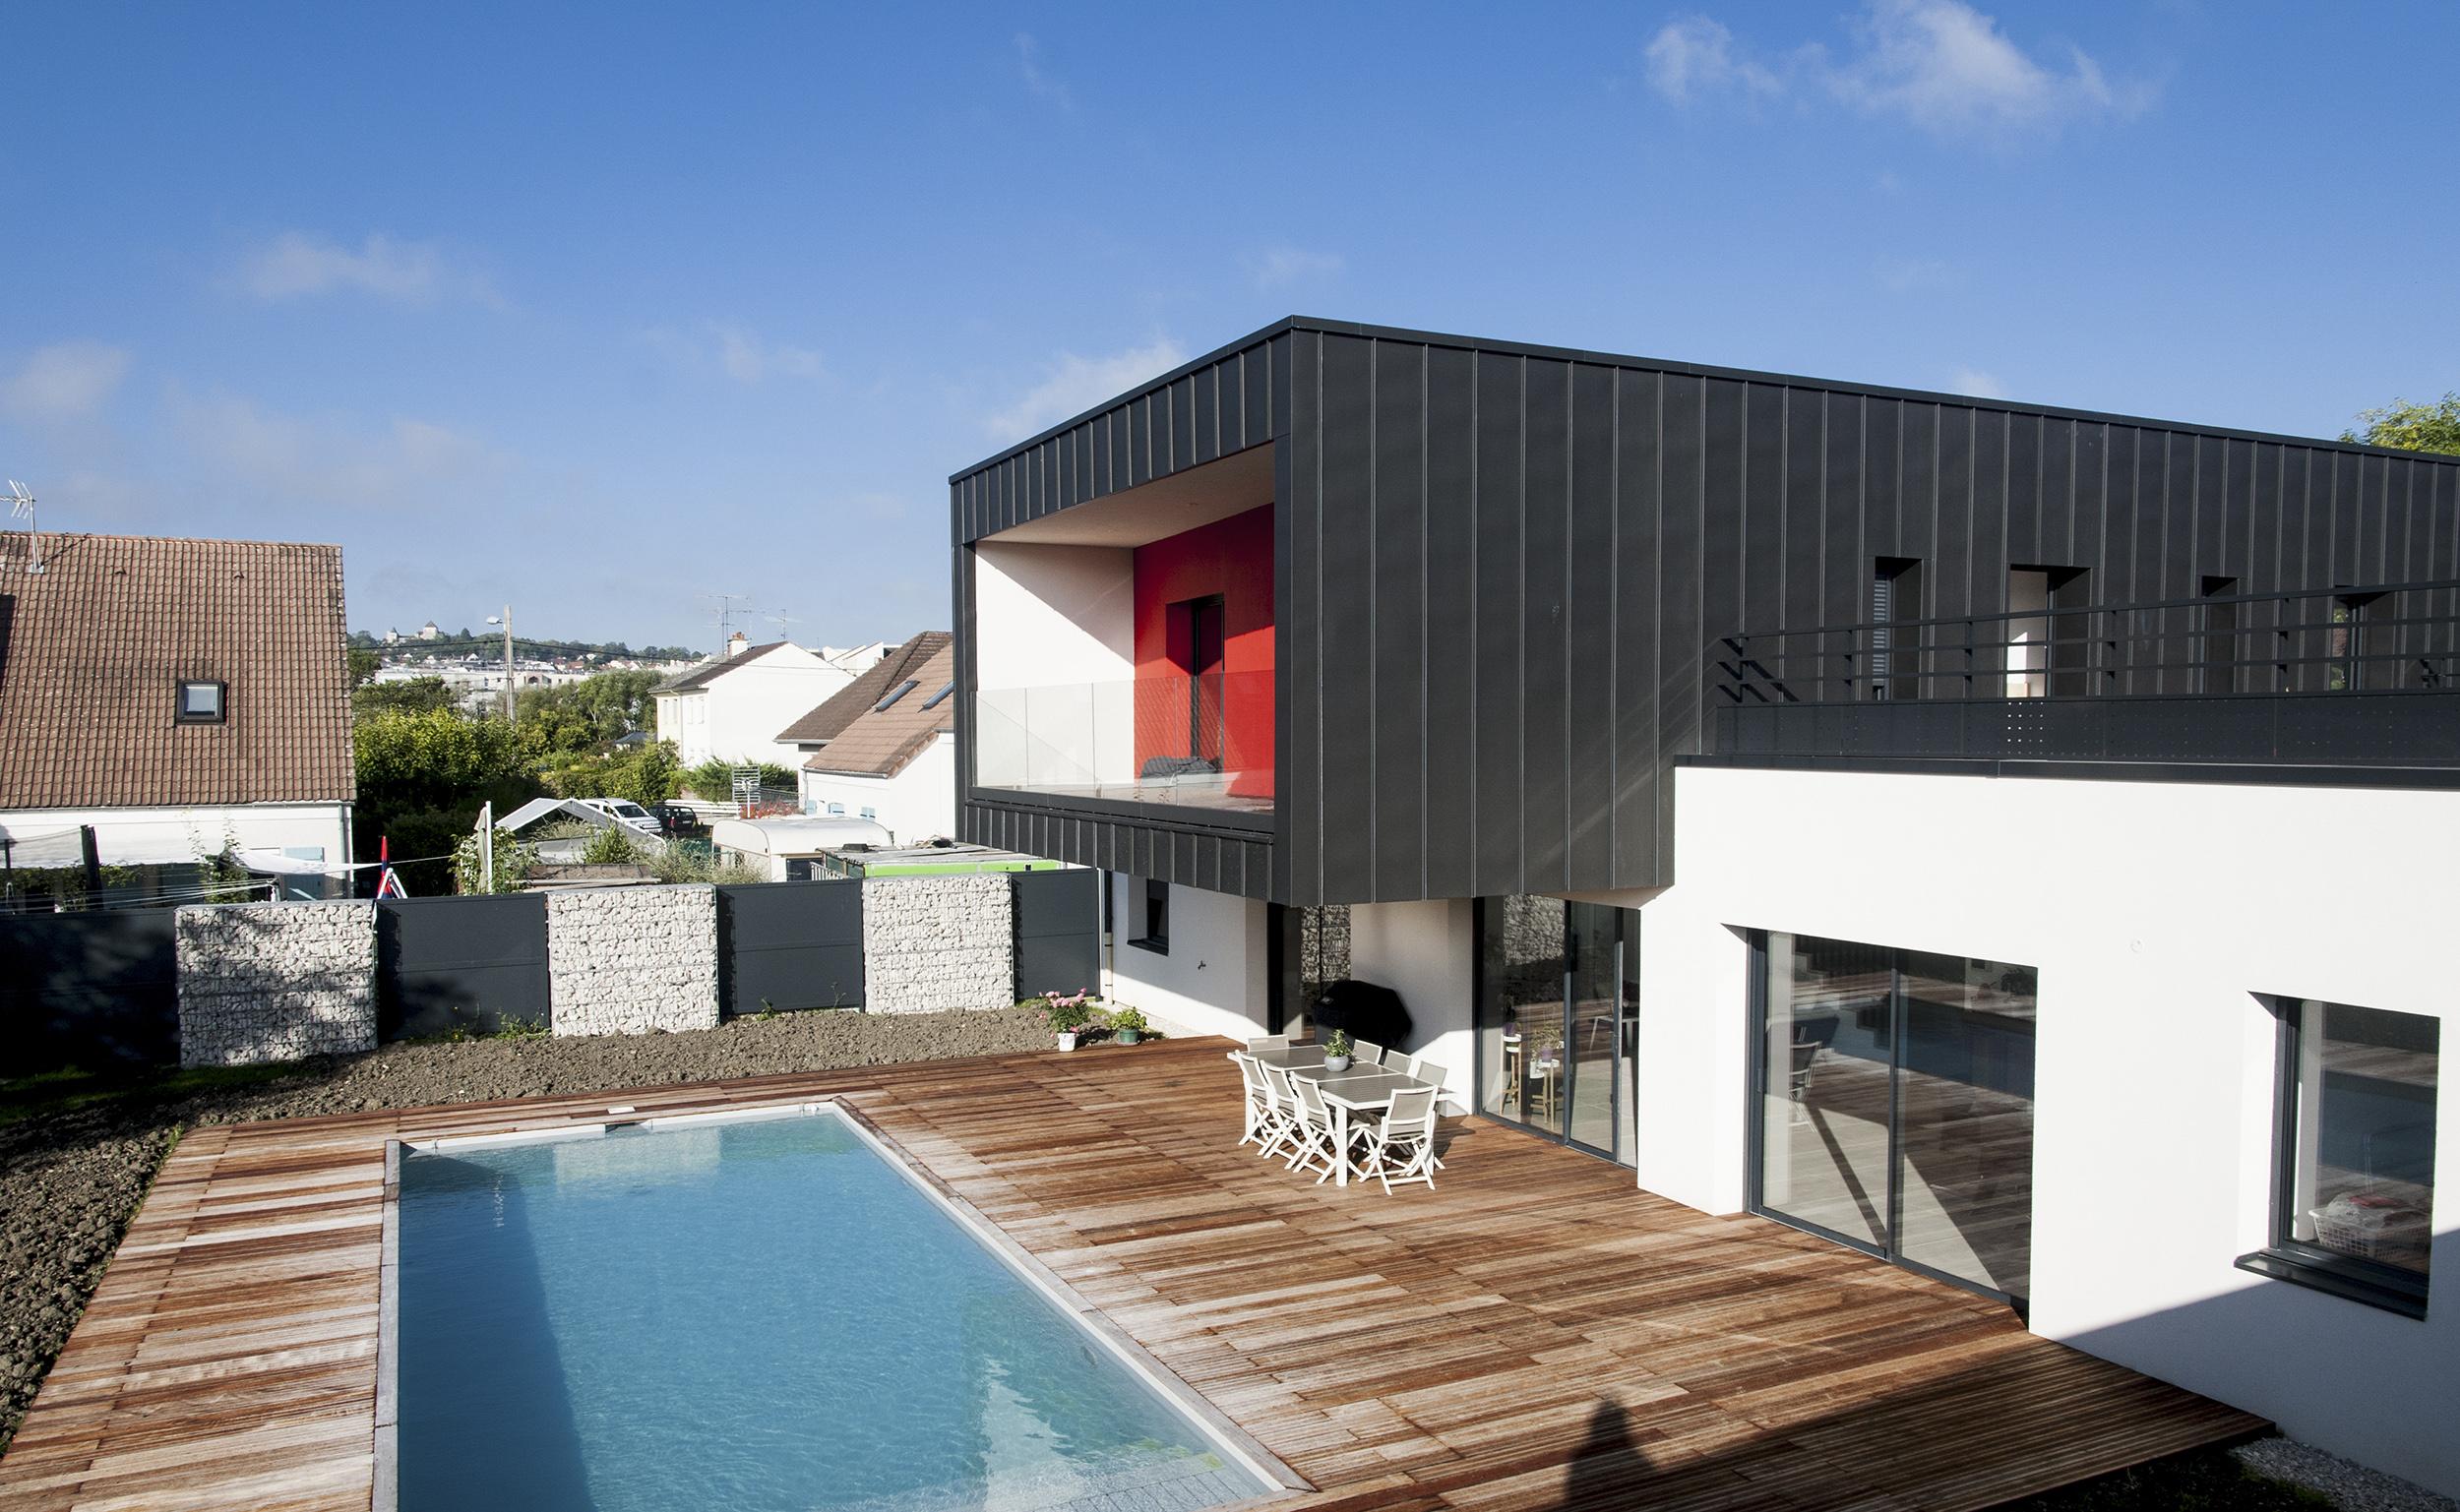 Chouette architecture - Villa Dijon - 2500 33